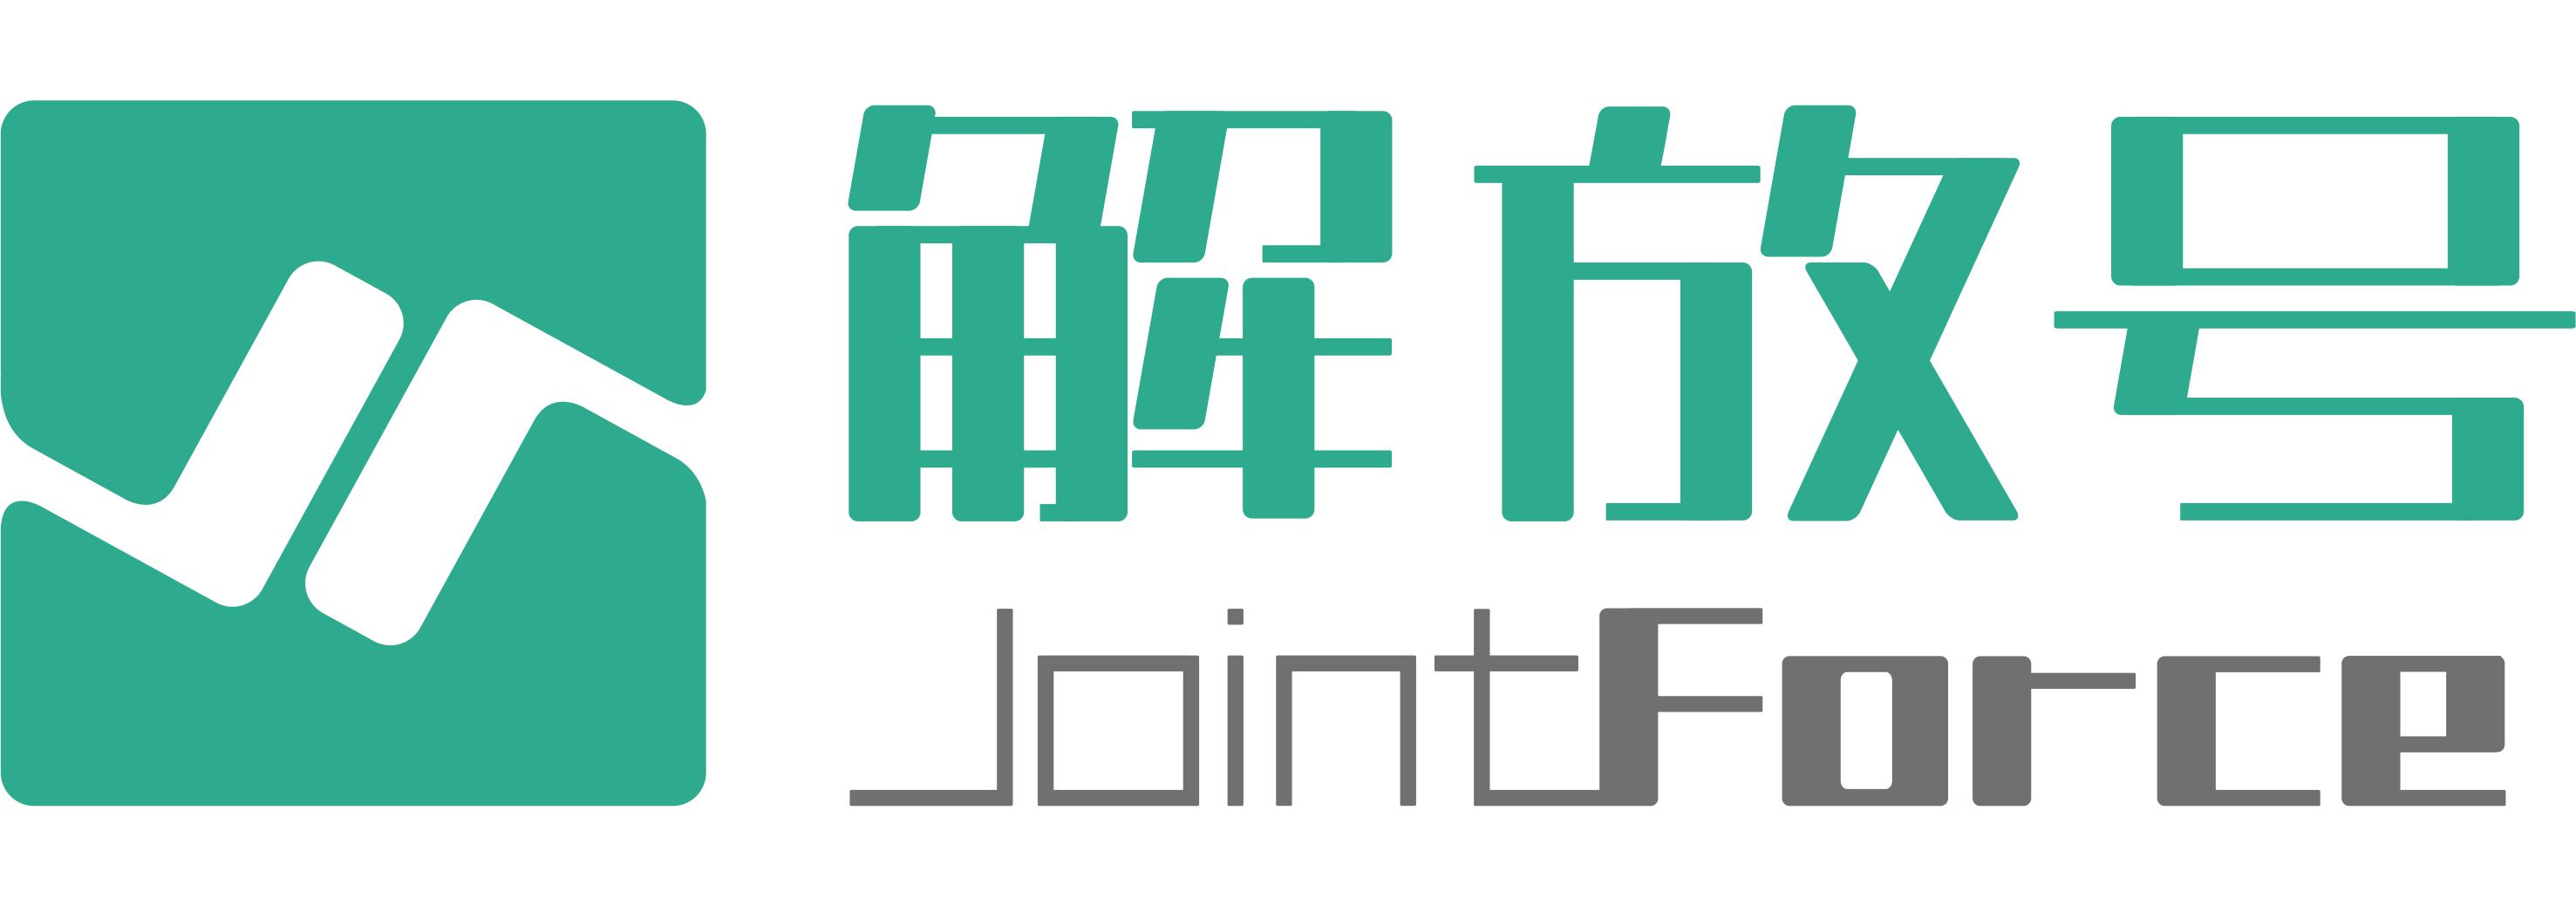 北京中软国际信息技术有限公司-深圳物联网展会